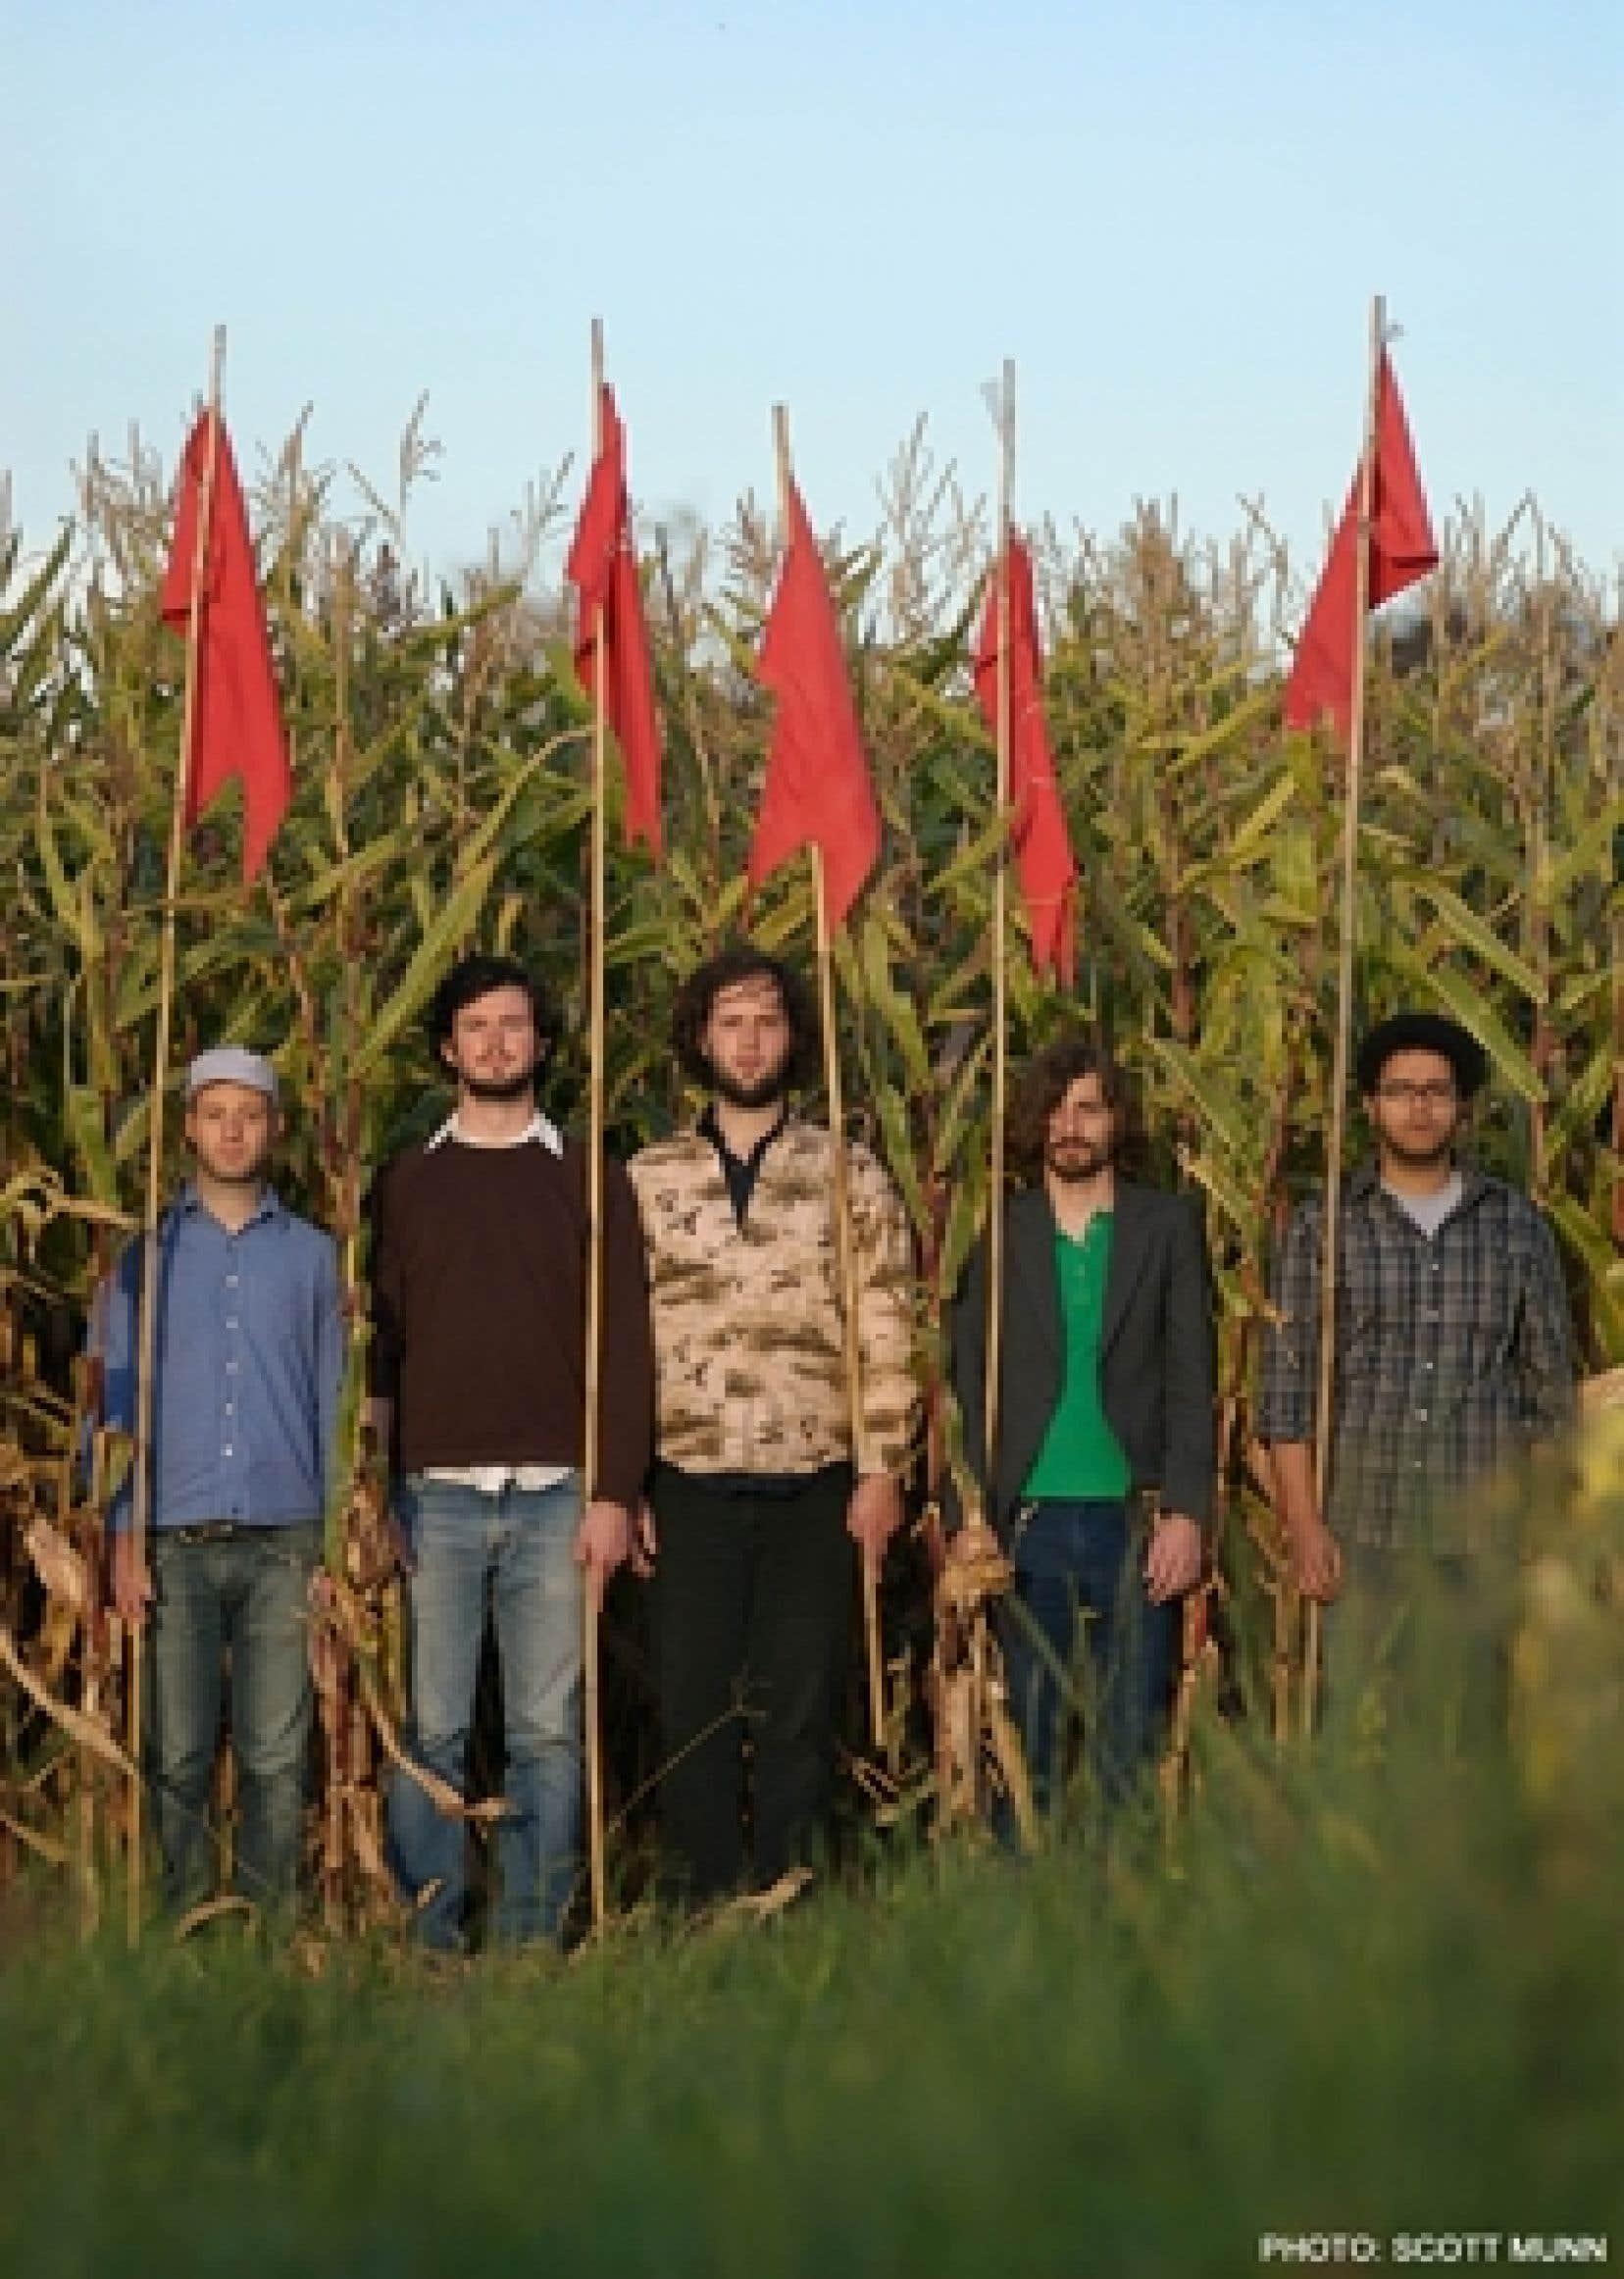 Le band de rock indie à tendance grunge Wintersleep. Après avoir lancé à l'utomne 2007 Welcome to the Night Sky, qui délaisse les vieilles habitudes grunge pour emprunter davantage aux sonorités folk, le quintette néo-écossais a connu une gross